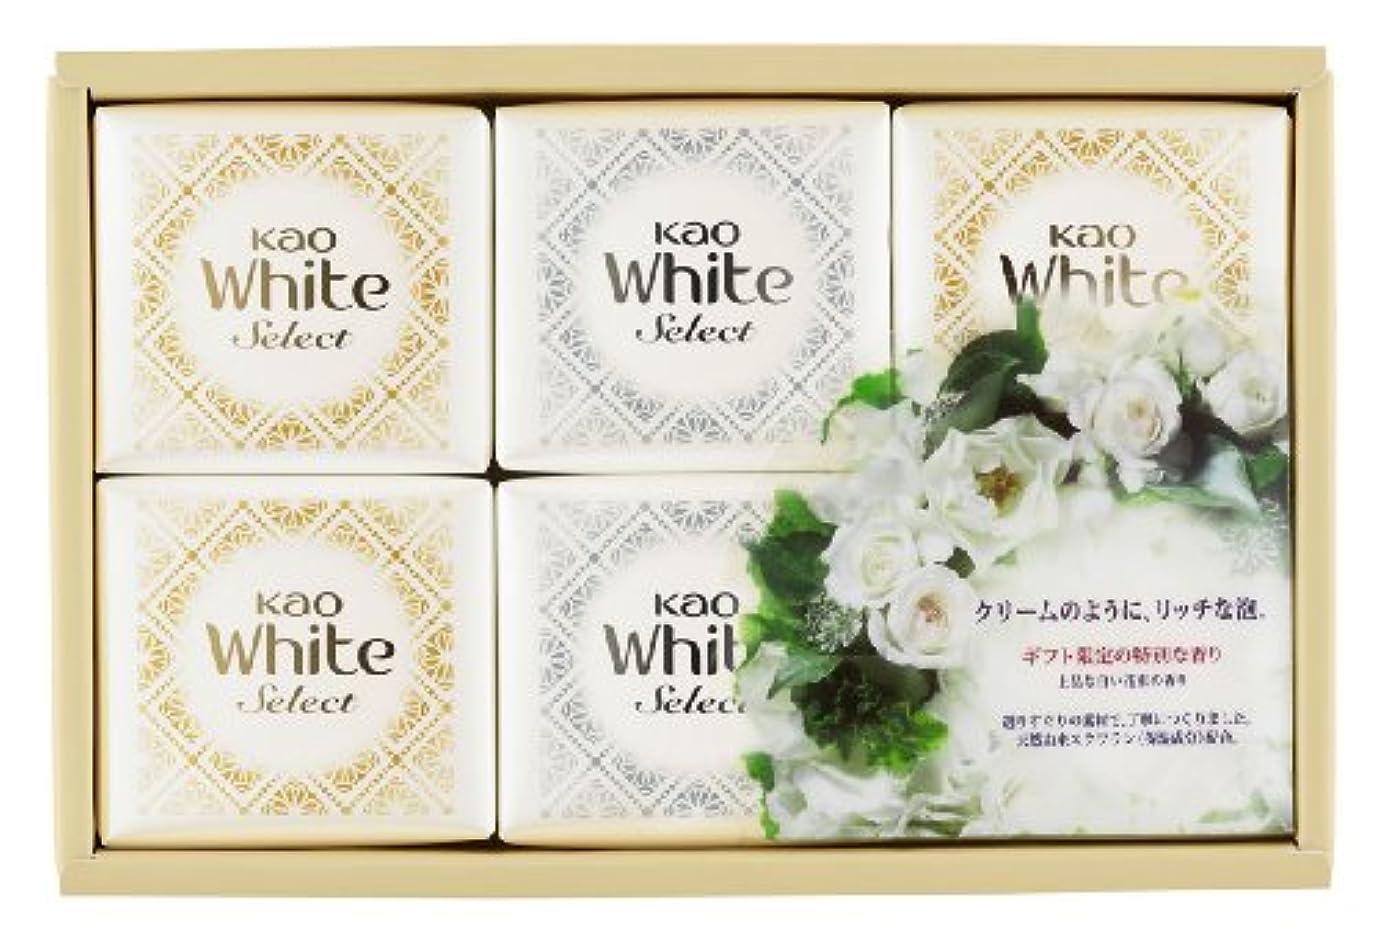 馬力生態学ドラフト花王ホワイト セレクト 上品な白い花束の香り 固形せっけん 6コ (K?WS-10)